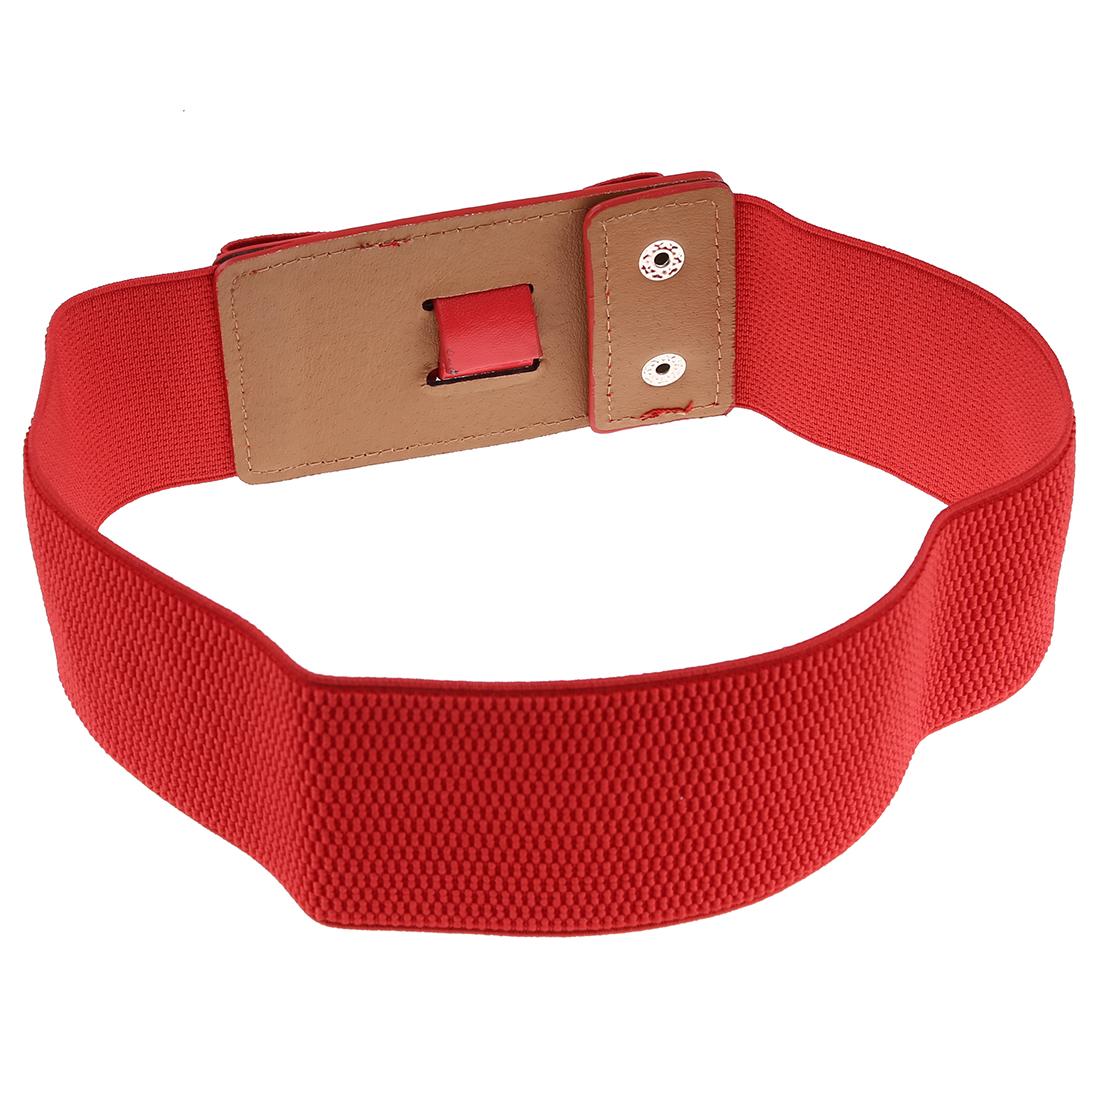 m9 damen breite elastische dehnung guertel rot ebay. Black Bedroom Furniture Sets. Home Design Ideas